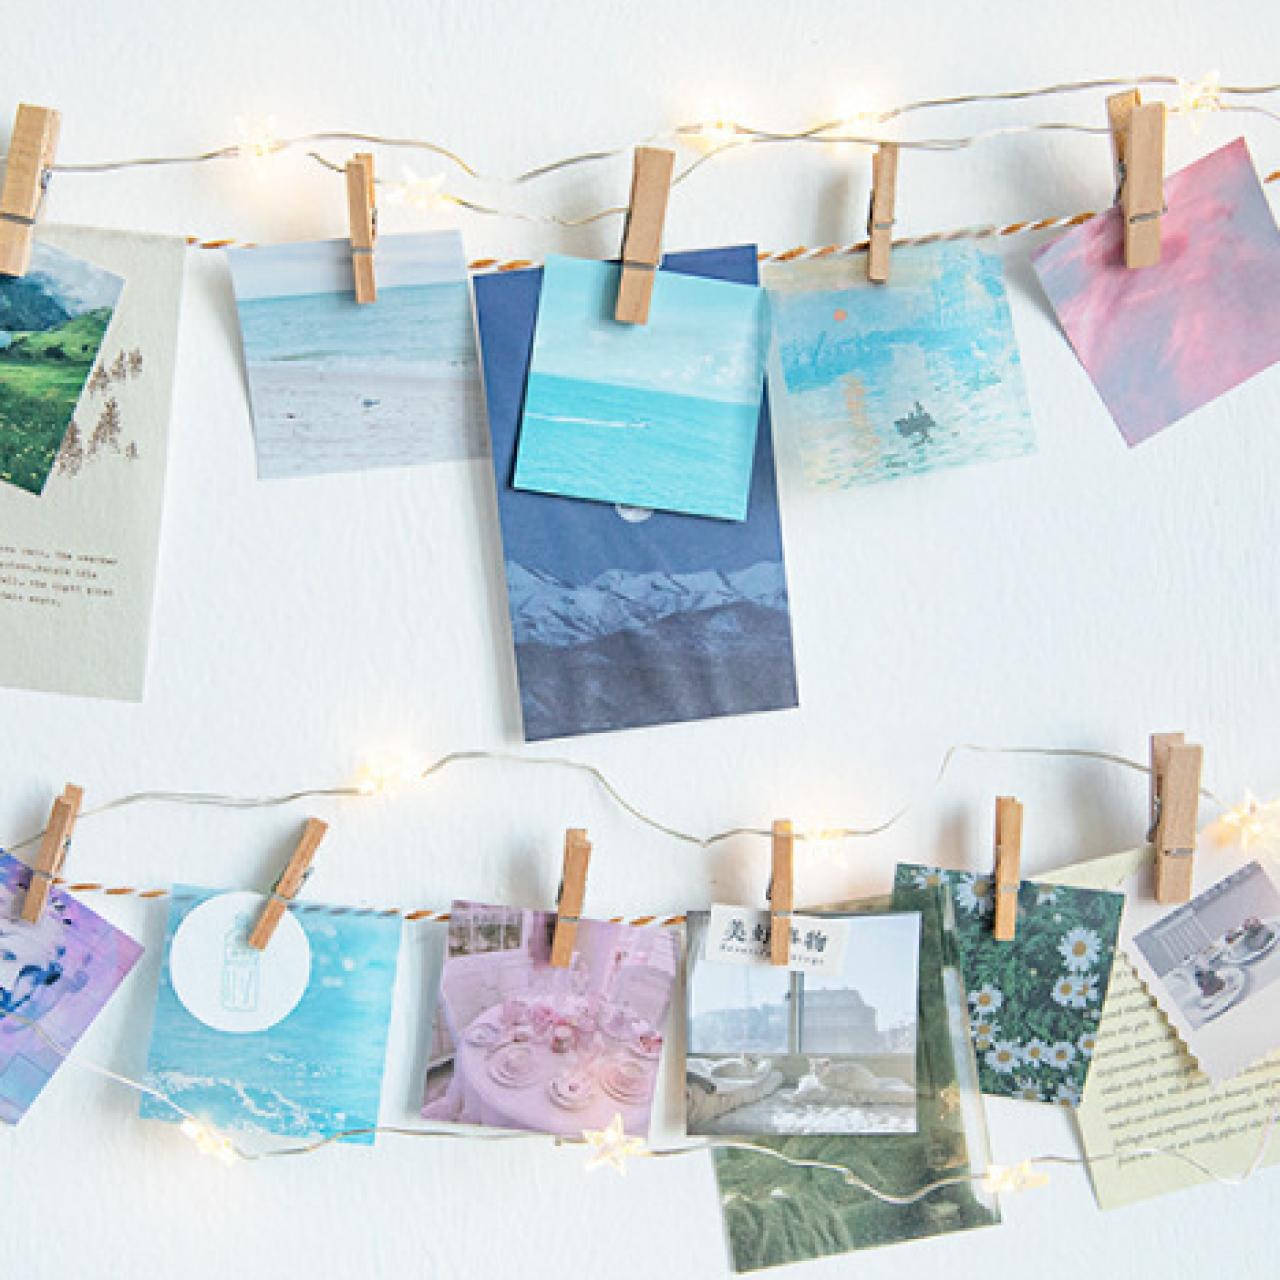 E11 風景画 全8種 紙もの 硫酸紙 海 森林 月 山 宇宙 コラージュ ほぼ日手帳 海外製 素敵便 交換便 ミニサイズ